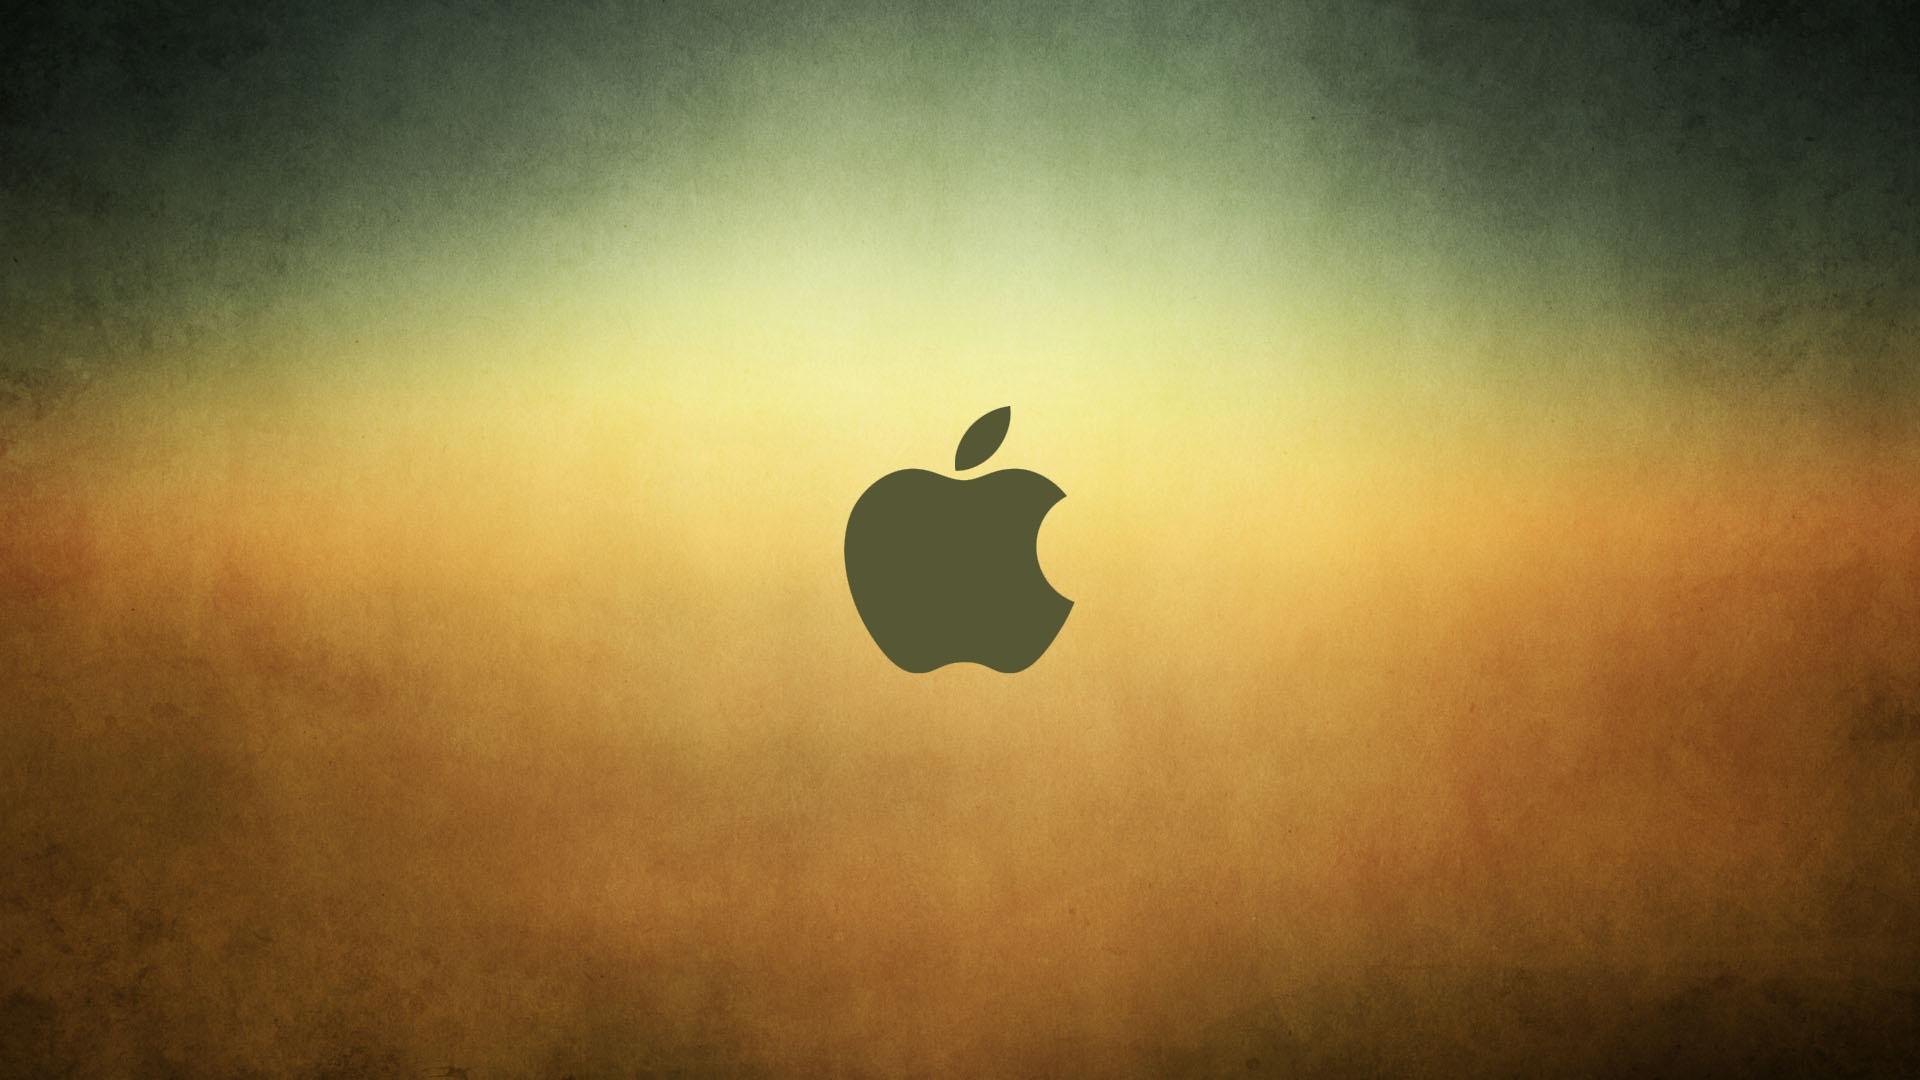 Apple Wallpaper Hd 1080p Wallpapersafari